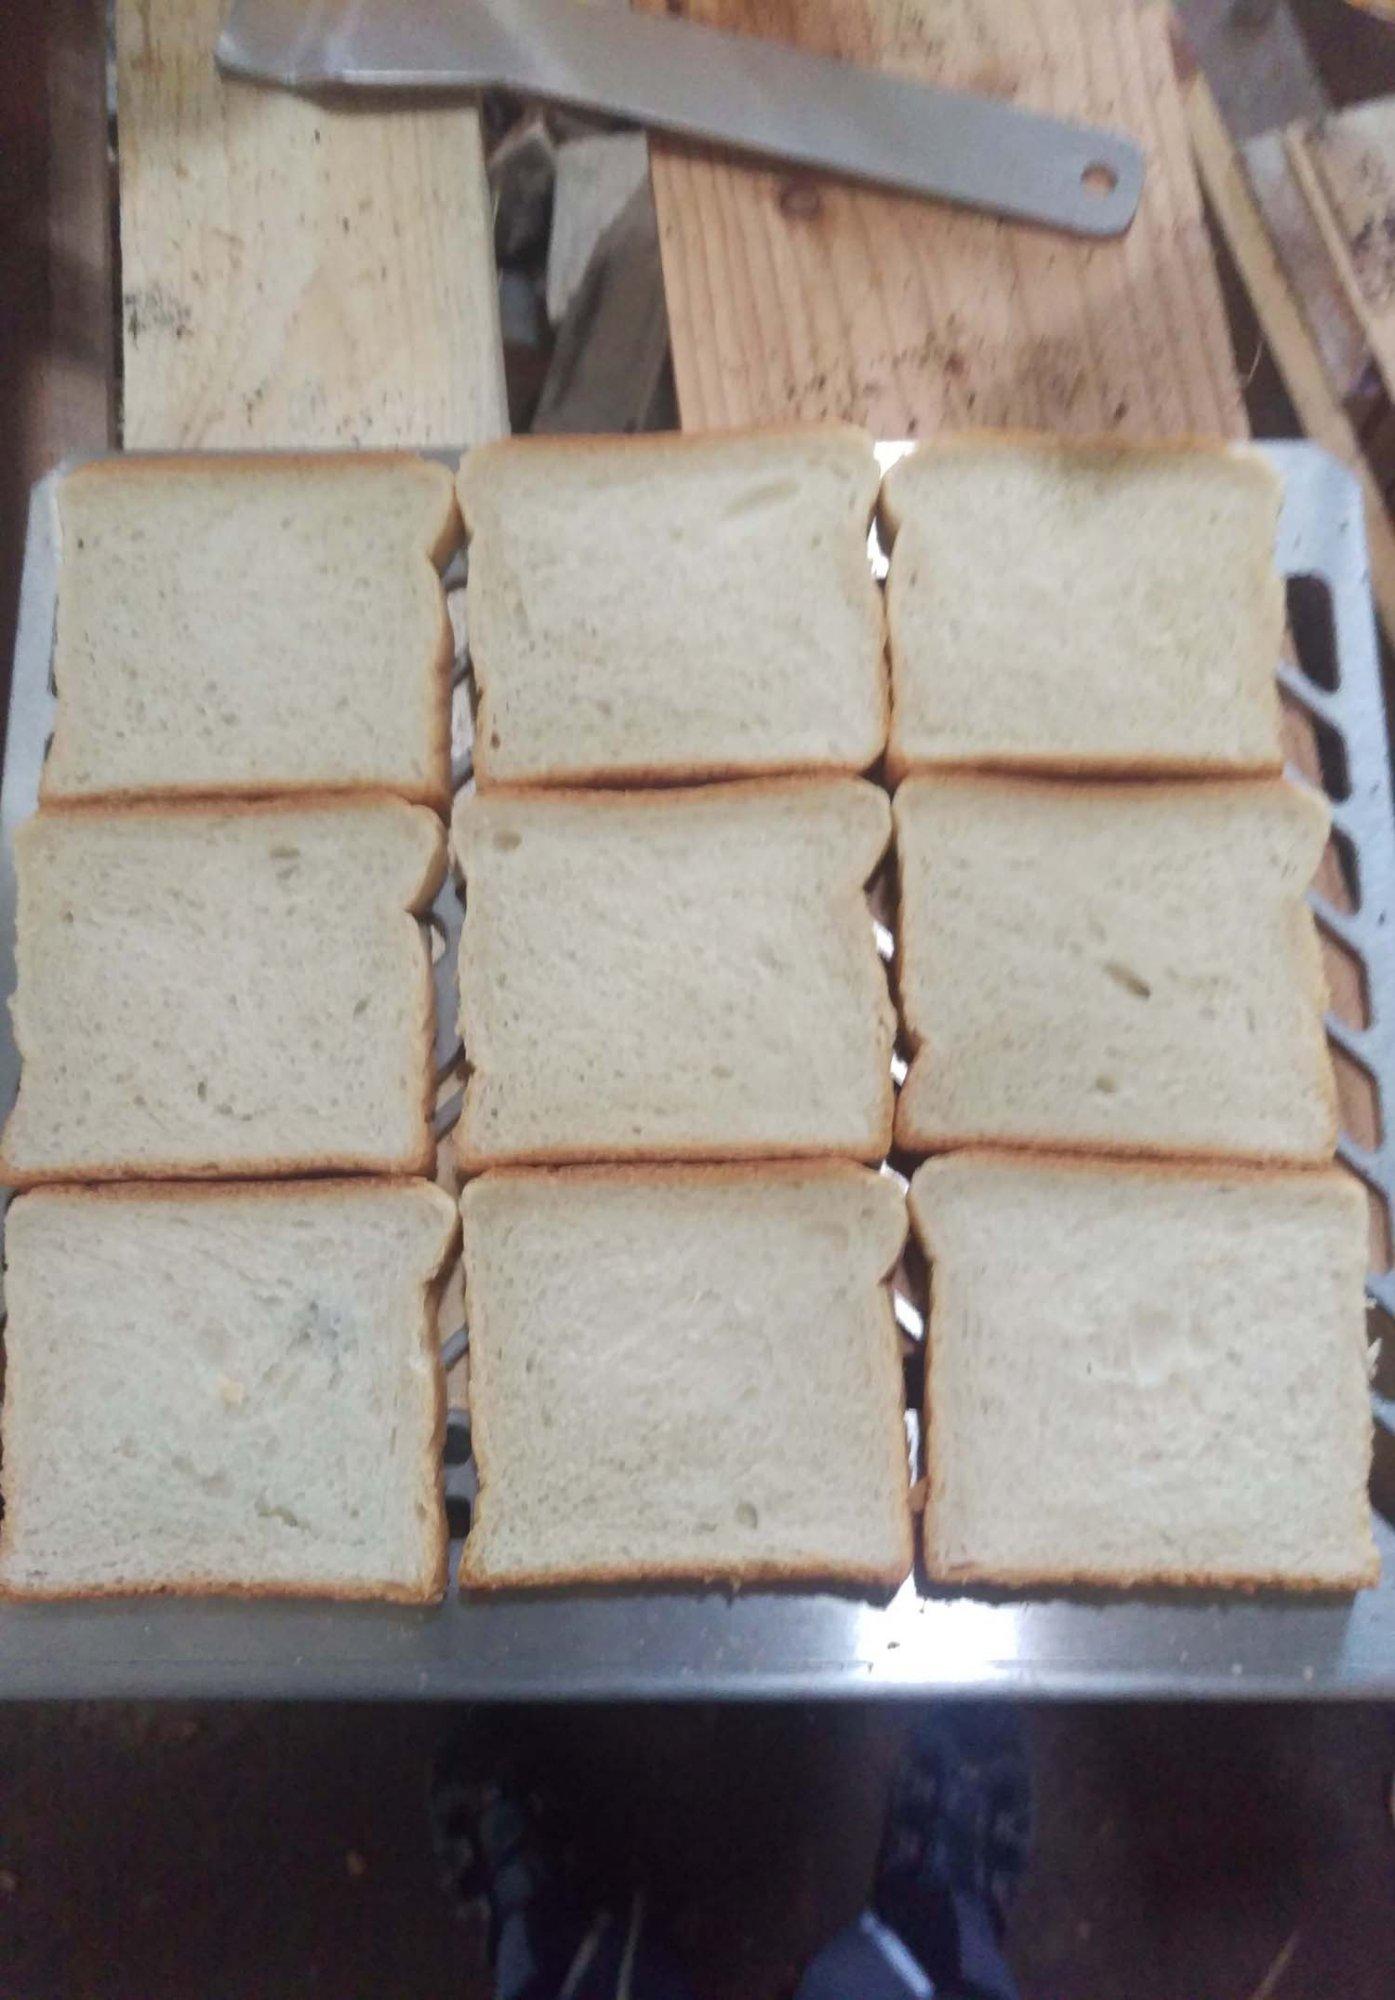 toast-test-03.jpg